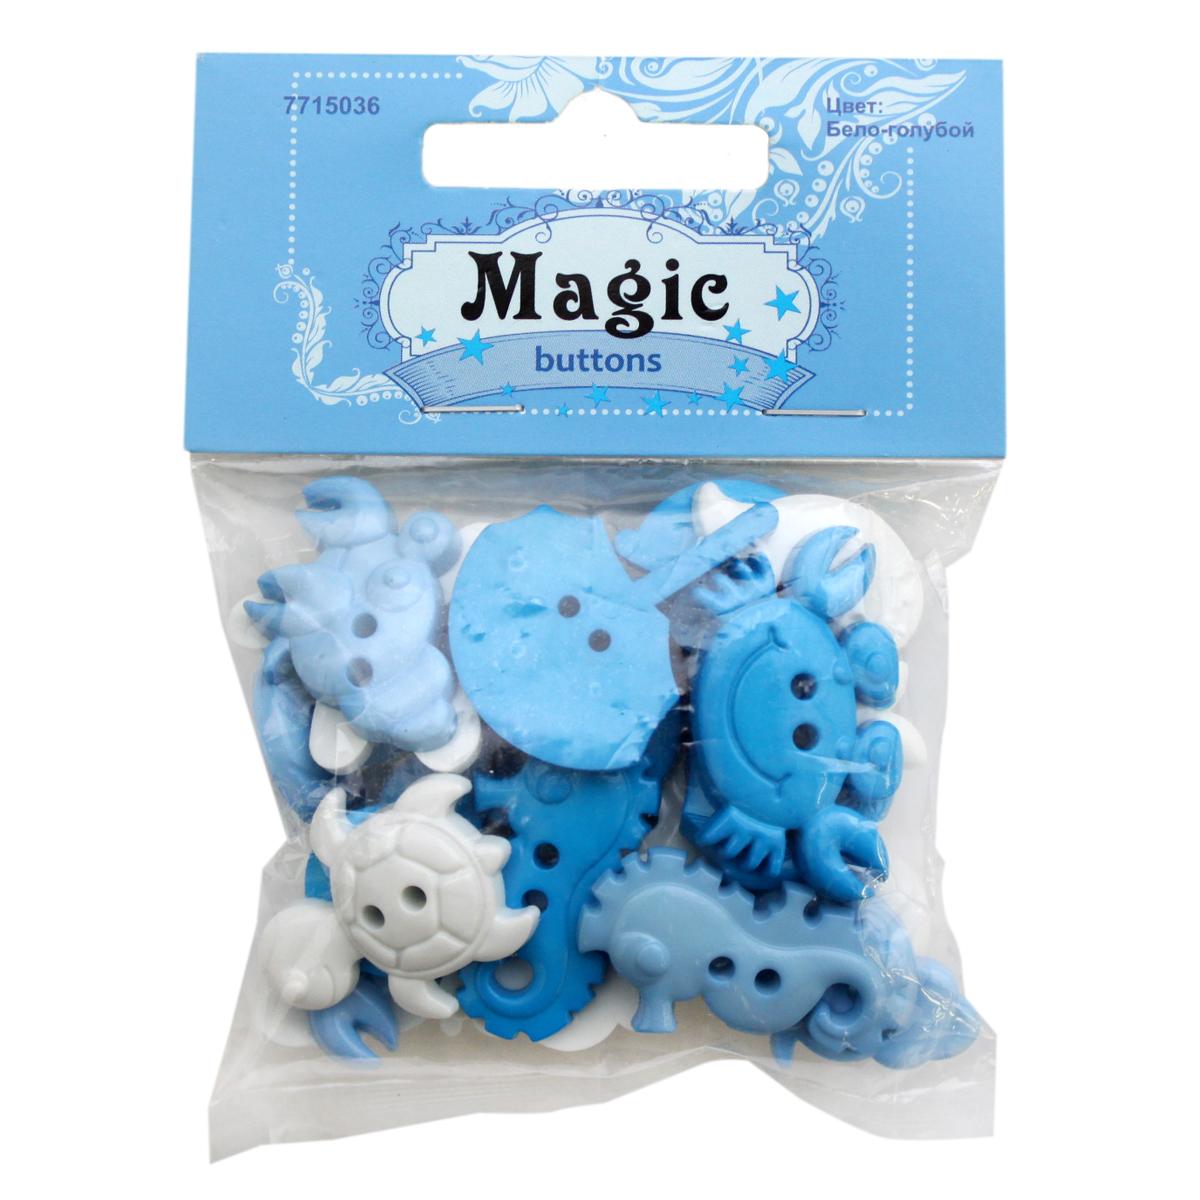 Пуговицы декоративные Magic Buttons Море. Бело-голубой, 30 г7715036_Бело-голубойЯркие и красочные пуговицы Magic Buttons станут прекрасным дополнением к любому образу. Пуговицы выполнены в разных цветовых вариантах и формах.